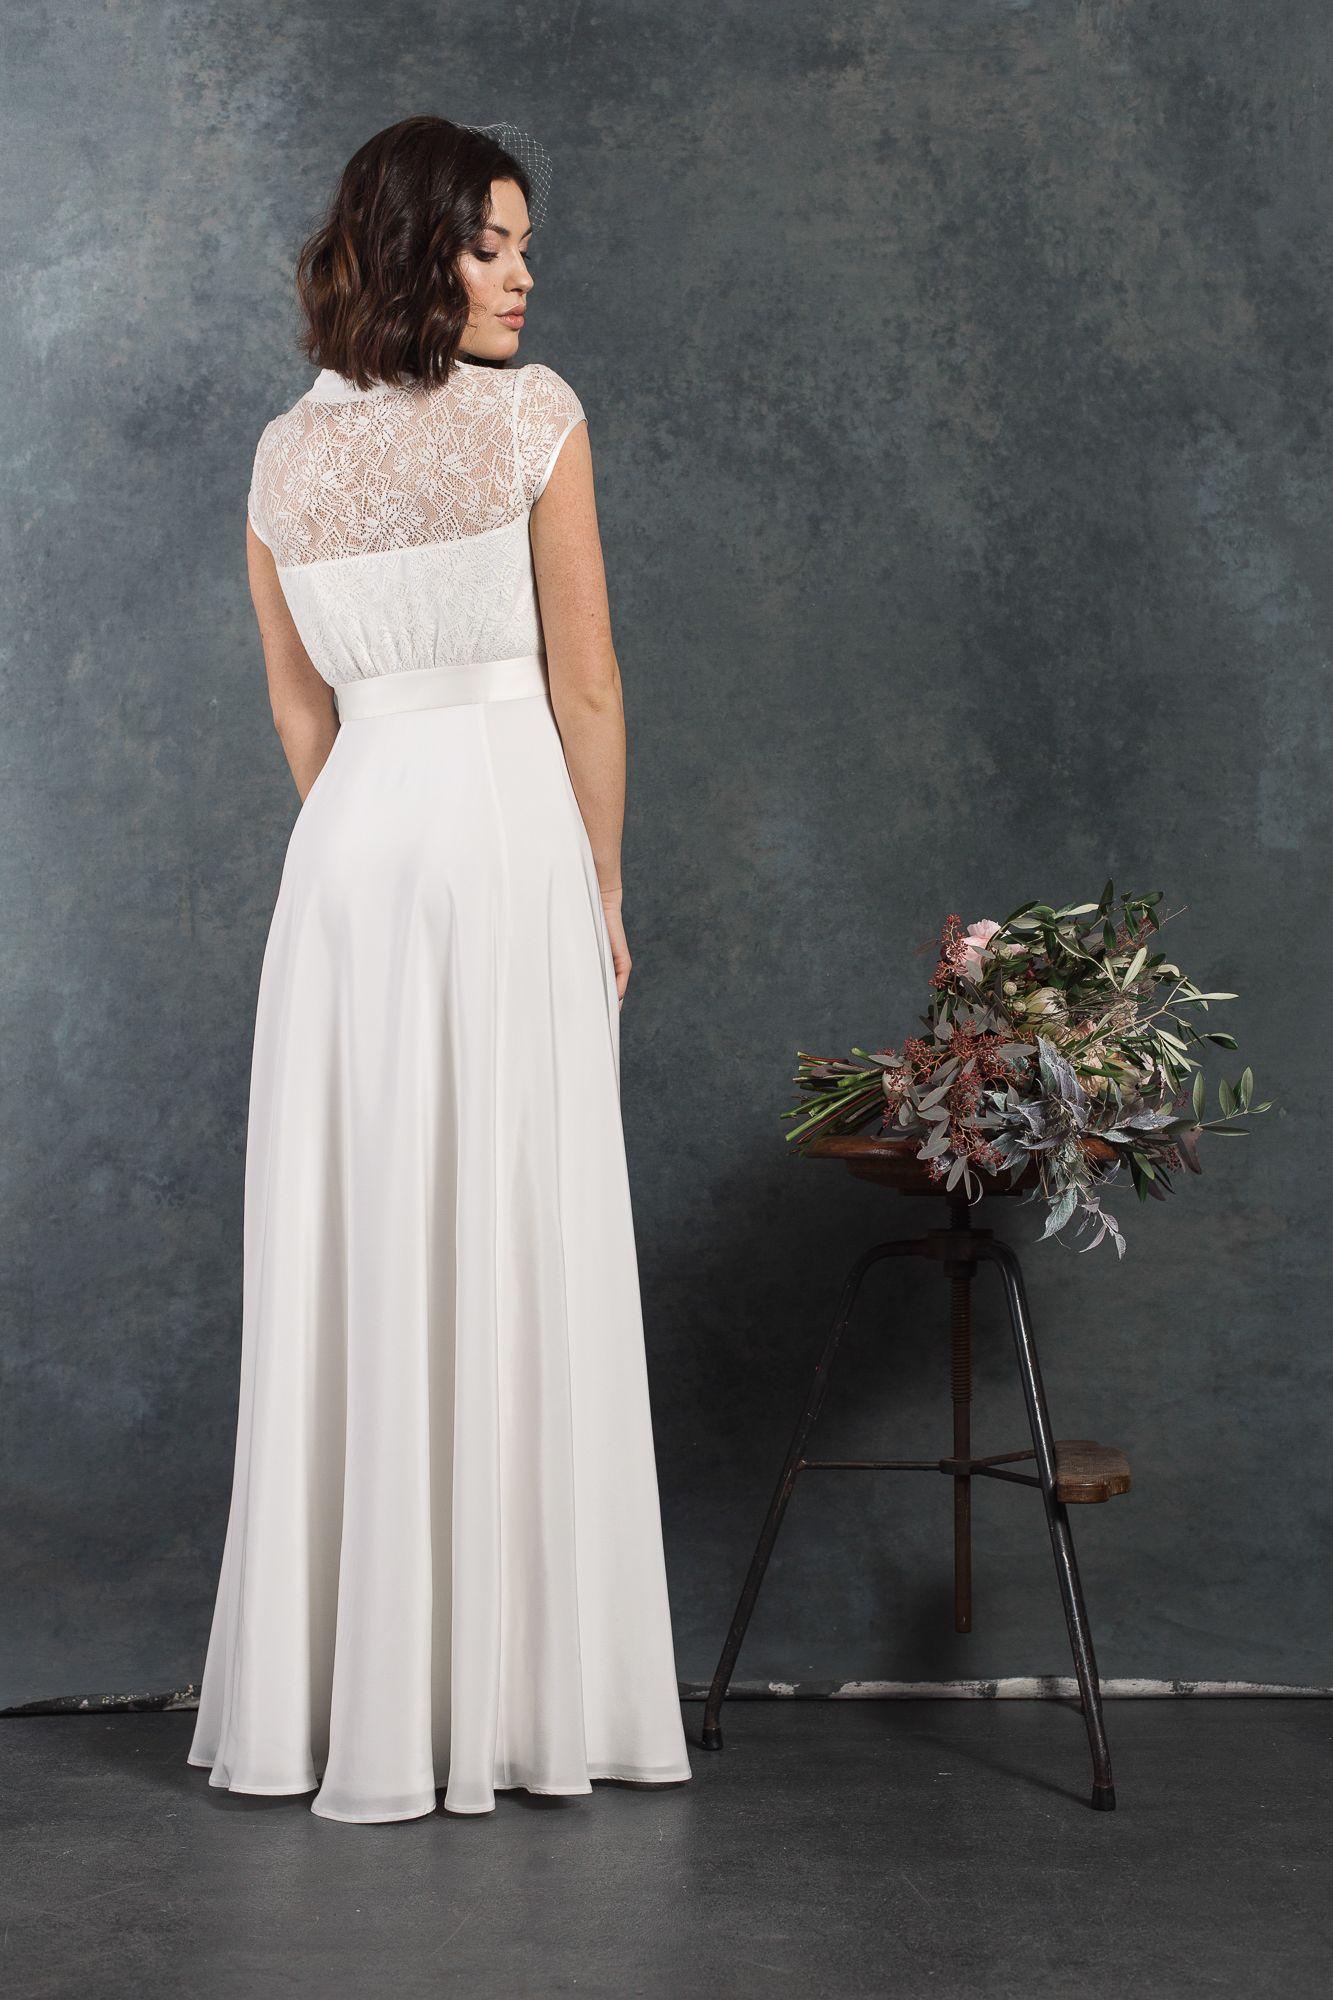 Labude Brautkleid Eveline - Bridal Dress Vintage Stil 11s 11er